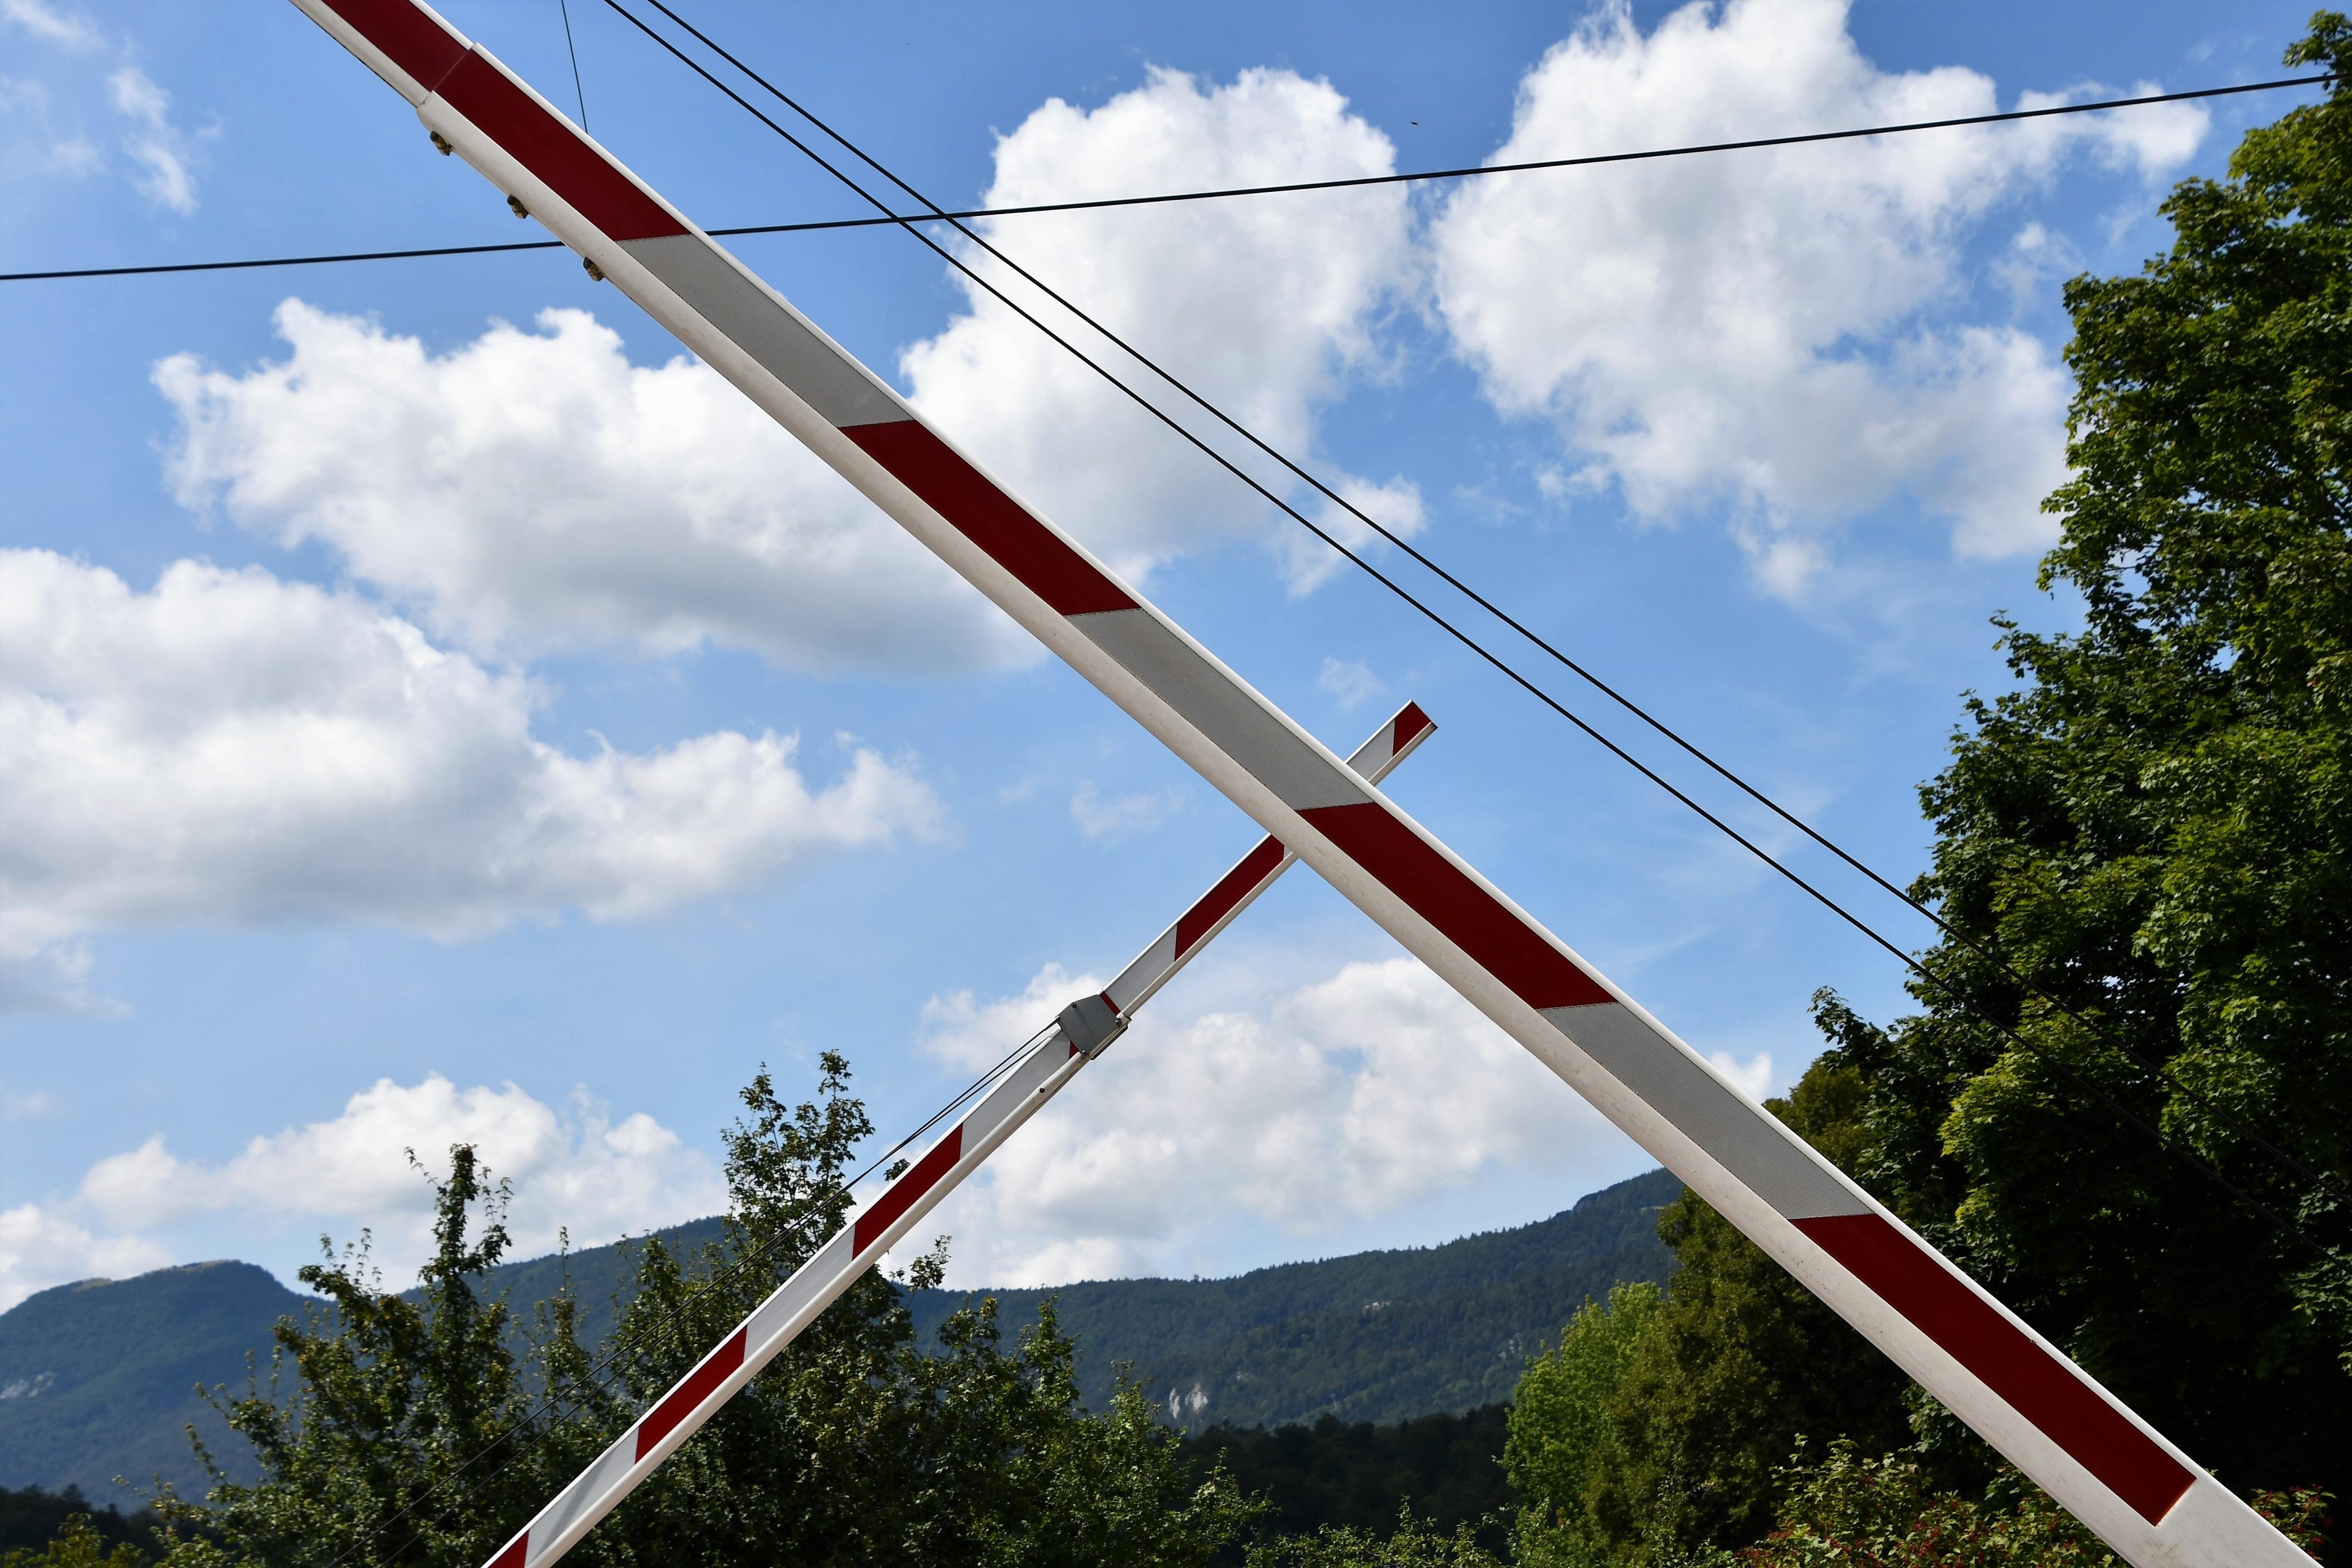 bipperlisi-barrier-03.08-2